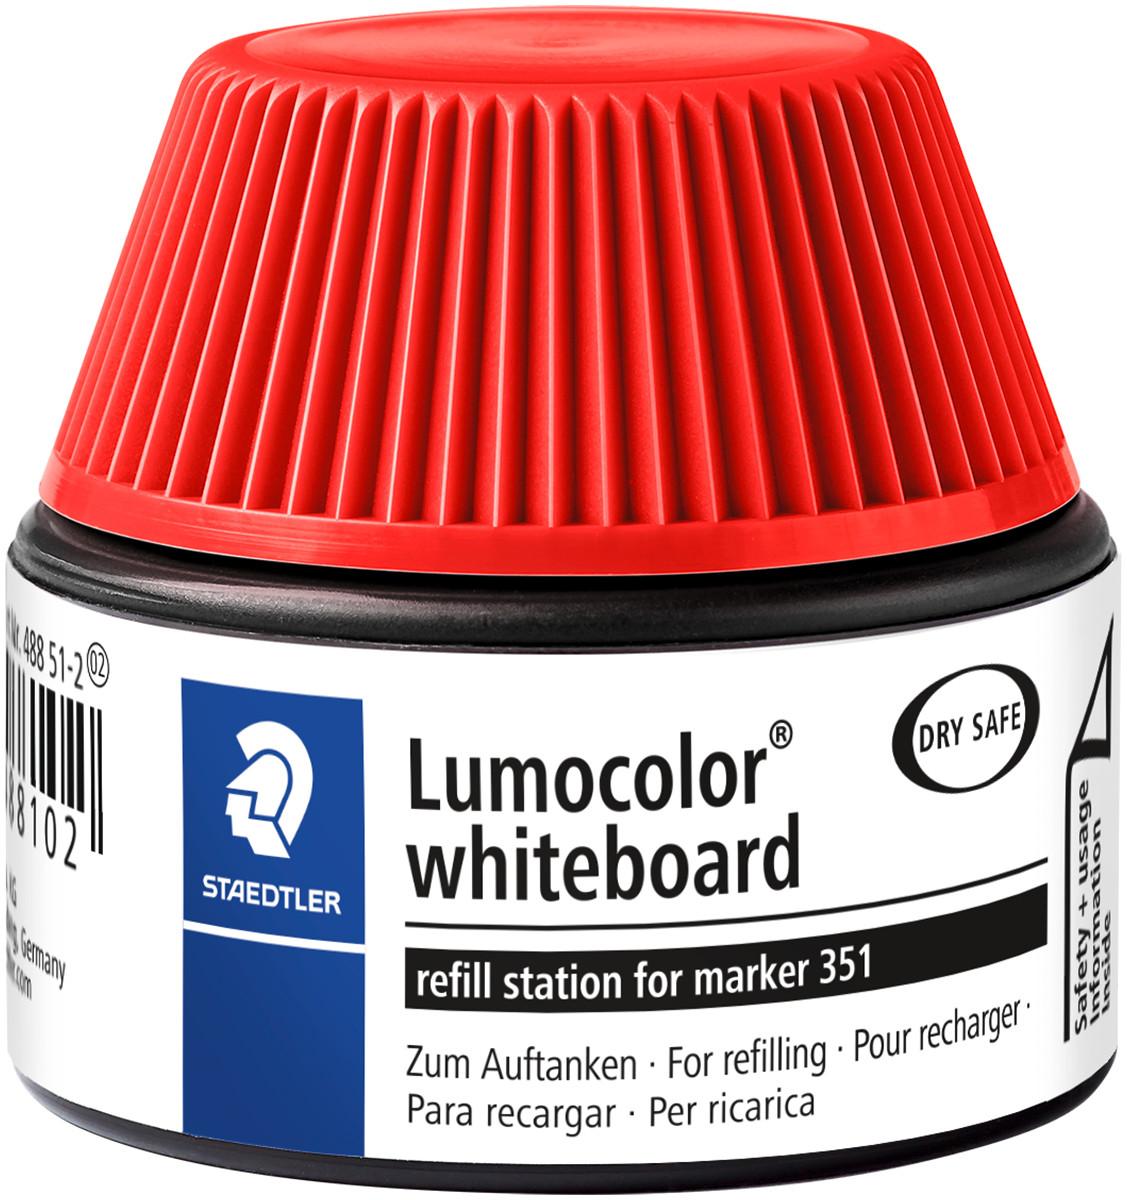 STAEDTLER Nachfülltinte Lumocolor permanent marker blau NEU /& OVP 488 50-3